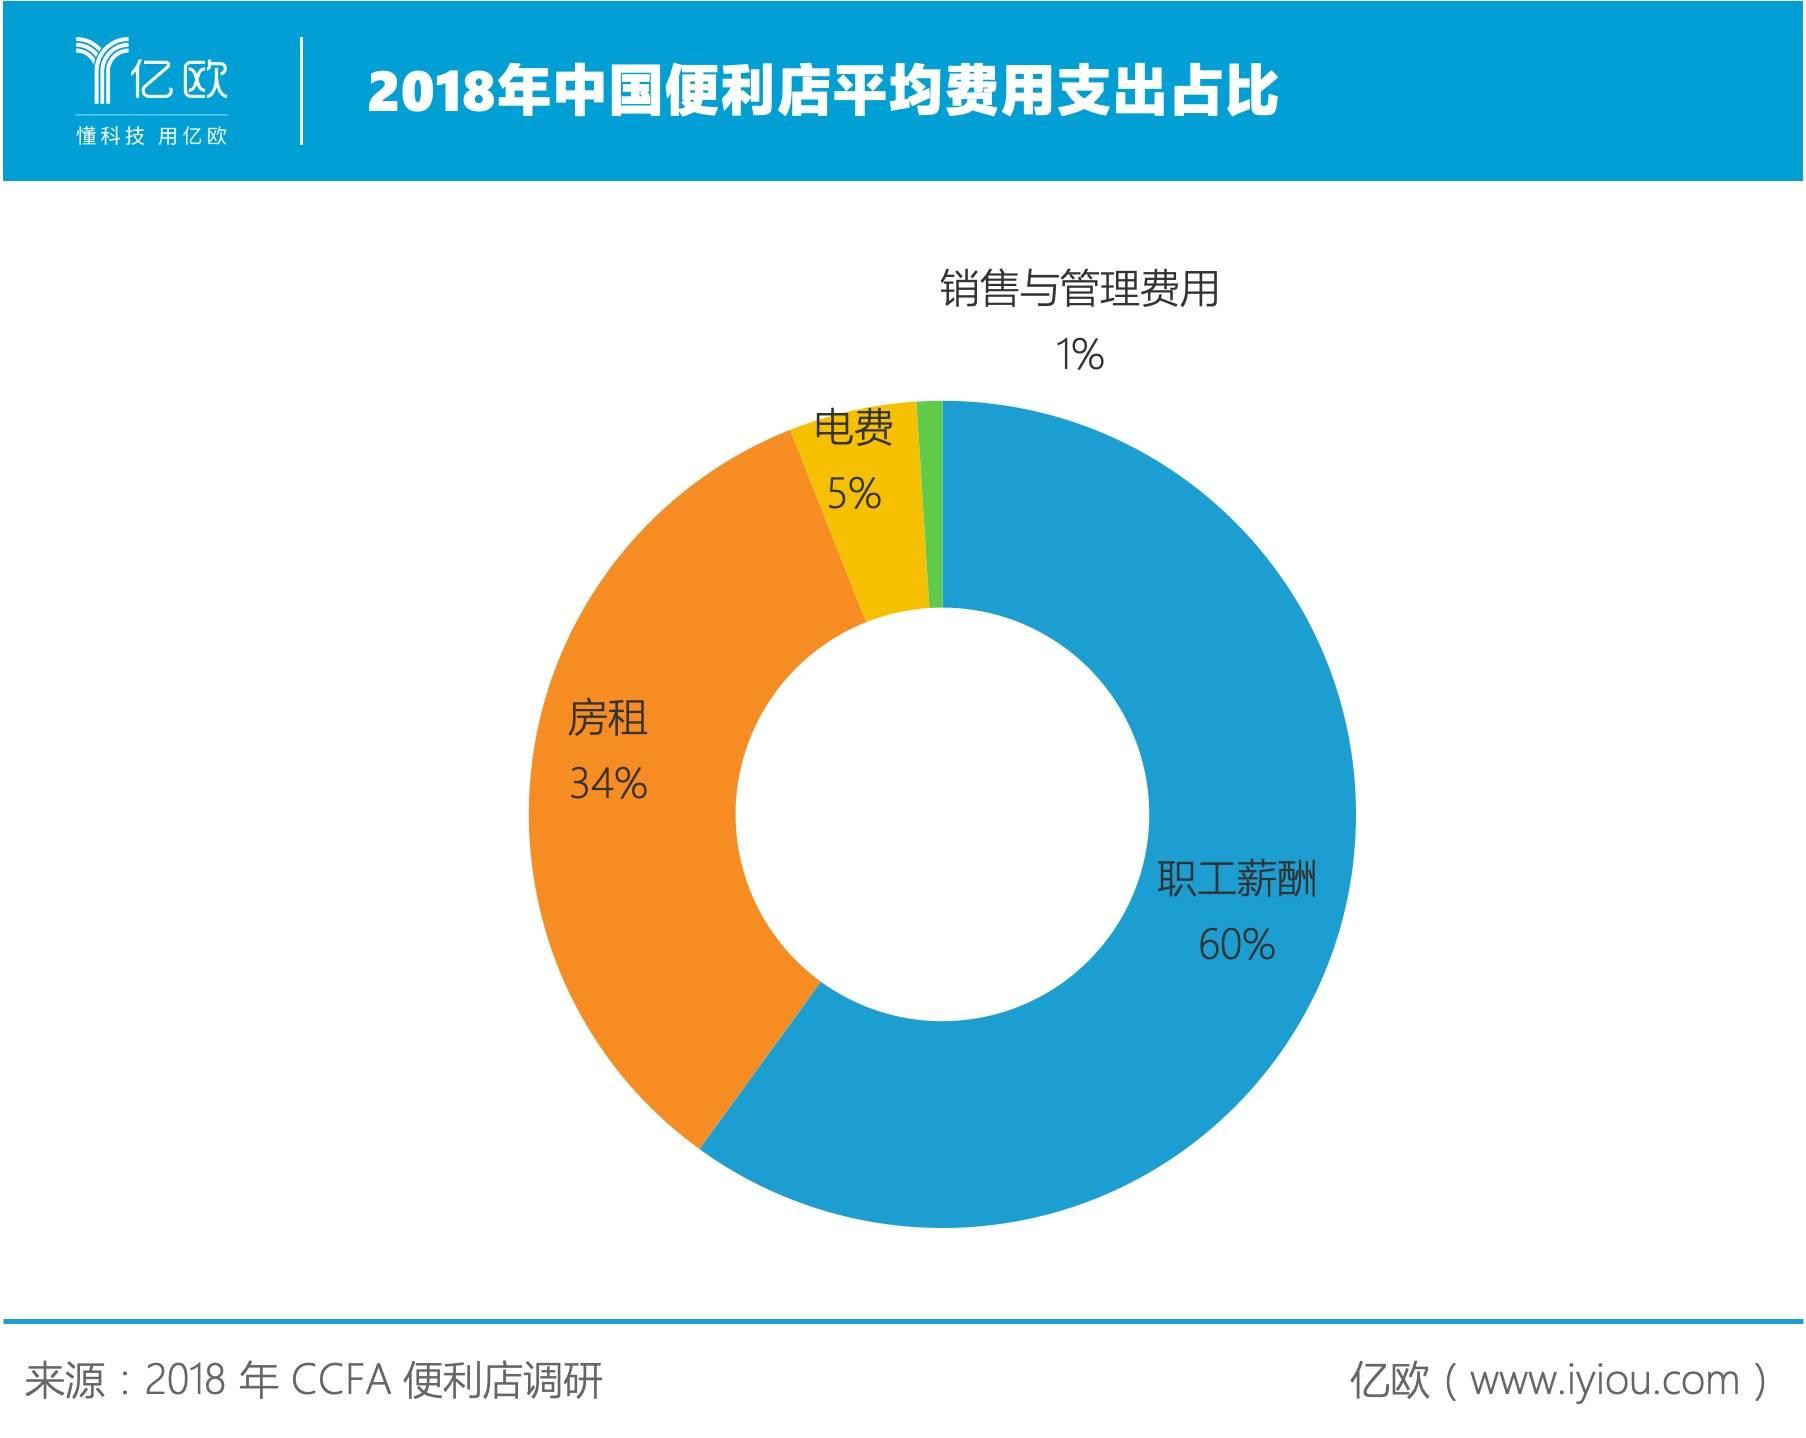 亿欧:2018年中国便利店平均费用支出占比